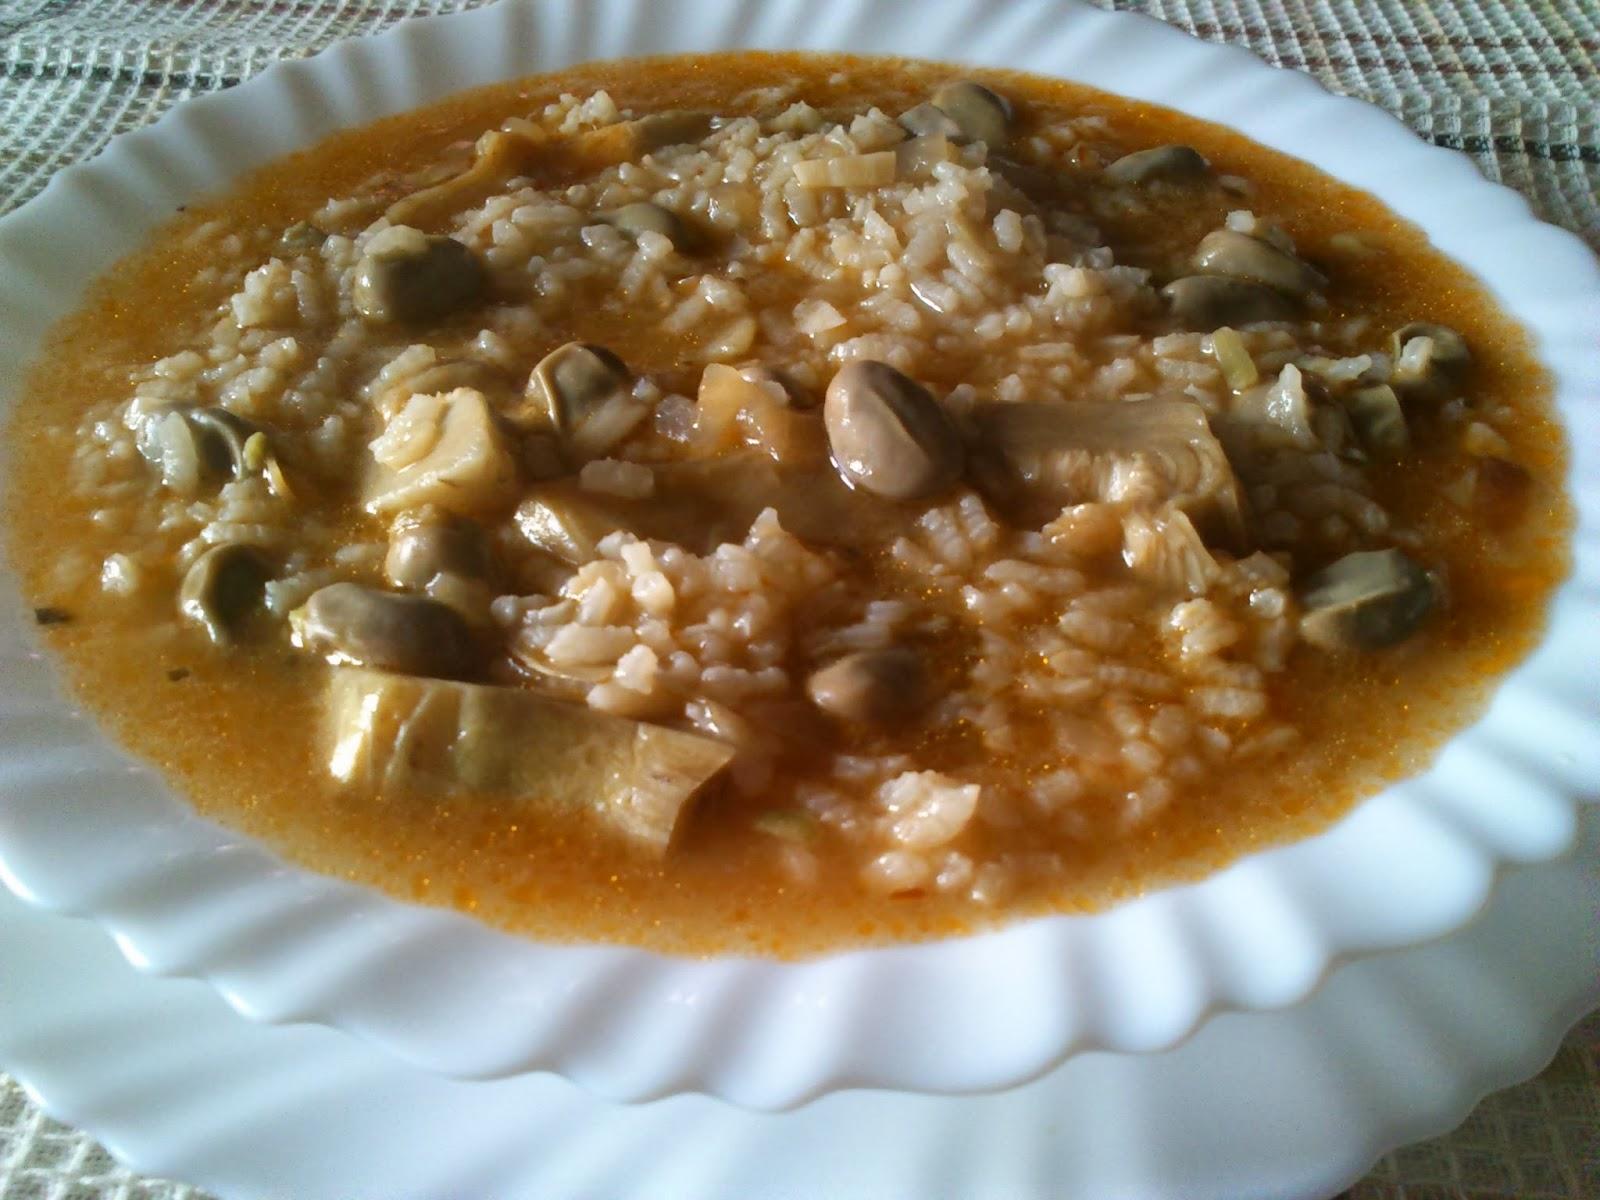 La cocina de inma mic arroz caldoso con habas y alcachofas - Arroz caldoso con costillas y alcachofas ...